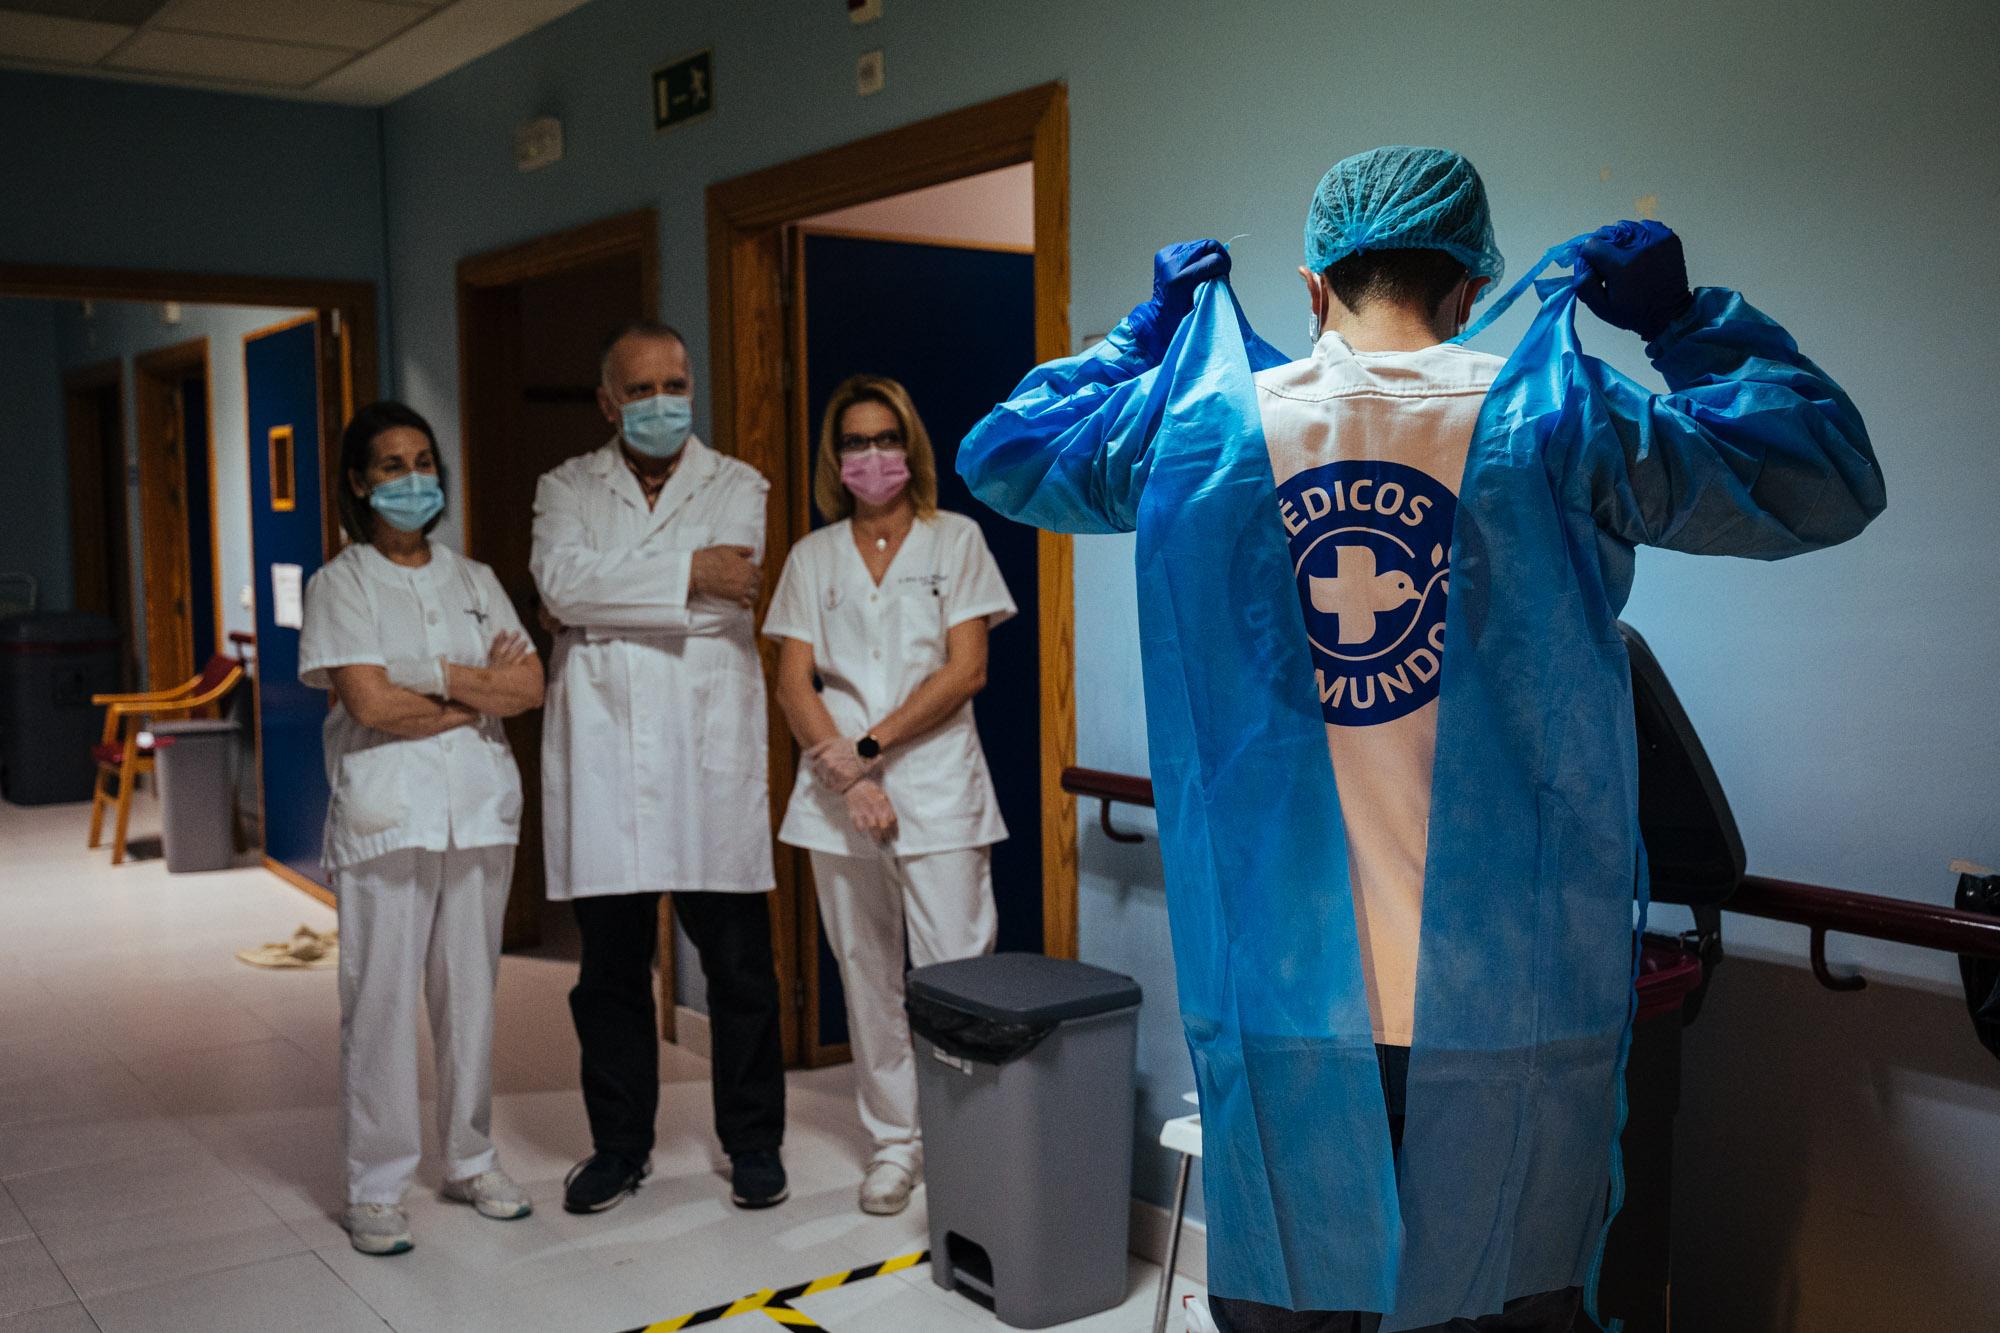 Formación de profesionales socio sanitarios en una residencia de personas mayores en Valladolid.